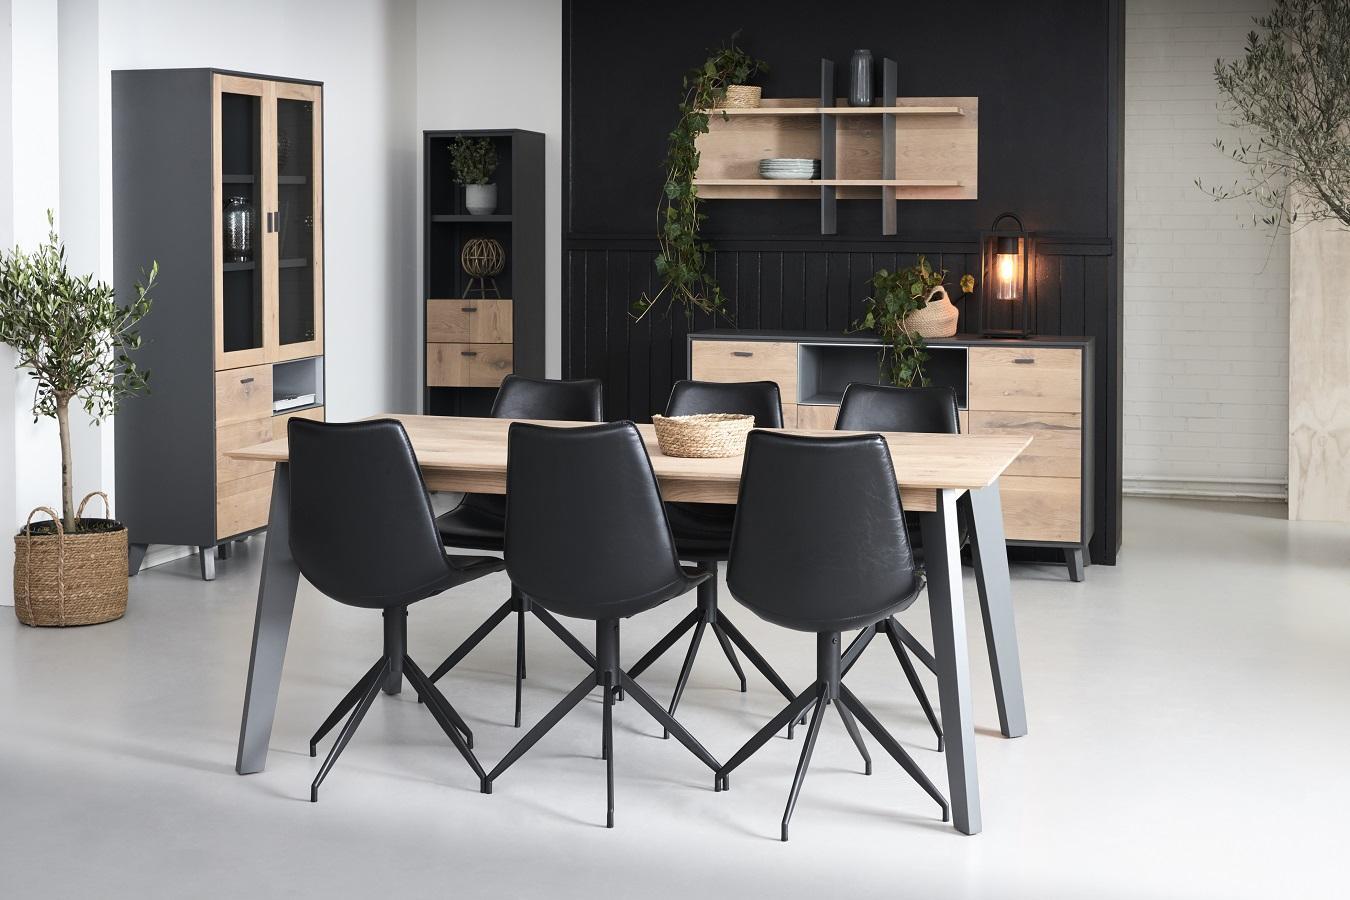 Designový jídelní stůl Aakil, 300 cm